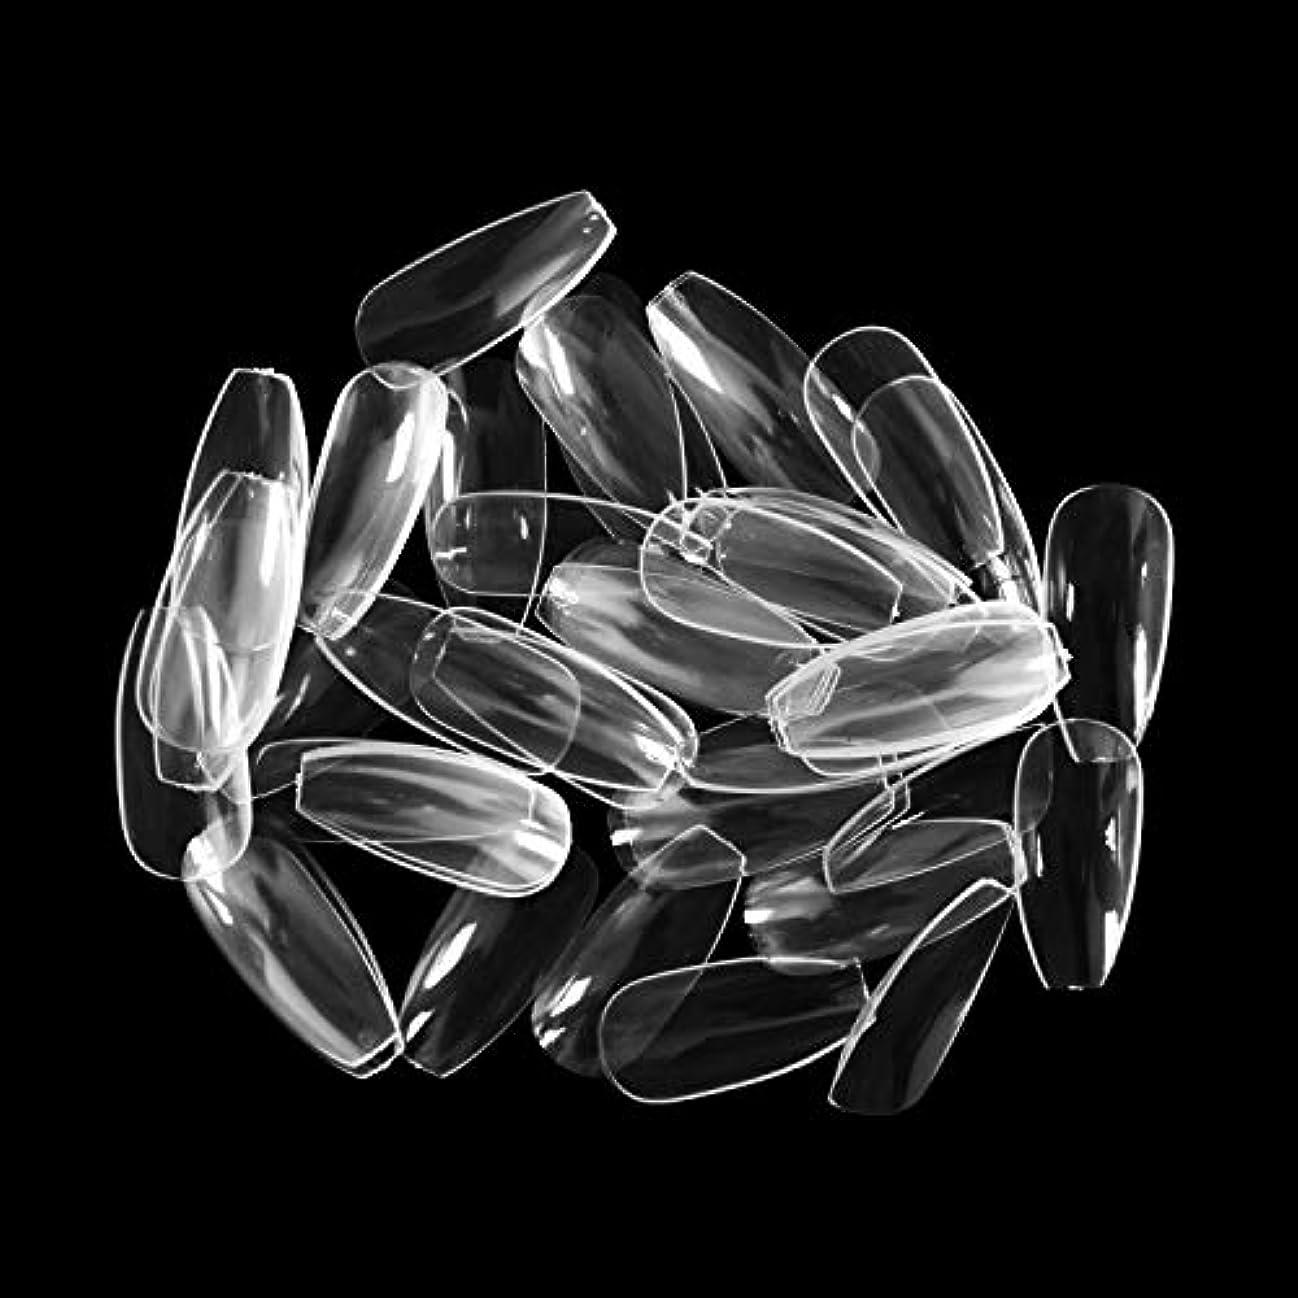 ネイルチップ Missct つけ爪 無地 ロング スクエア型 600枚入れ 10サイズ 爪にピッタリ 付け爪 練習用 透明 ネイル用品 デコレーション ネイルアート